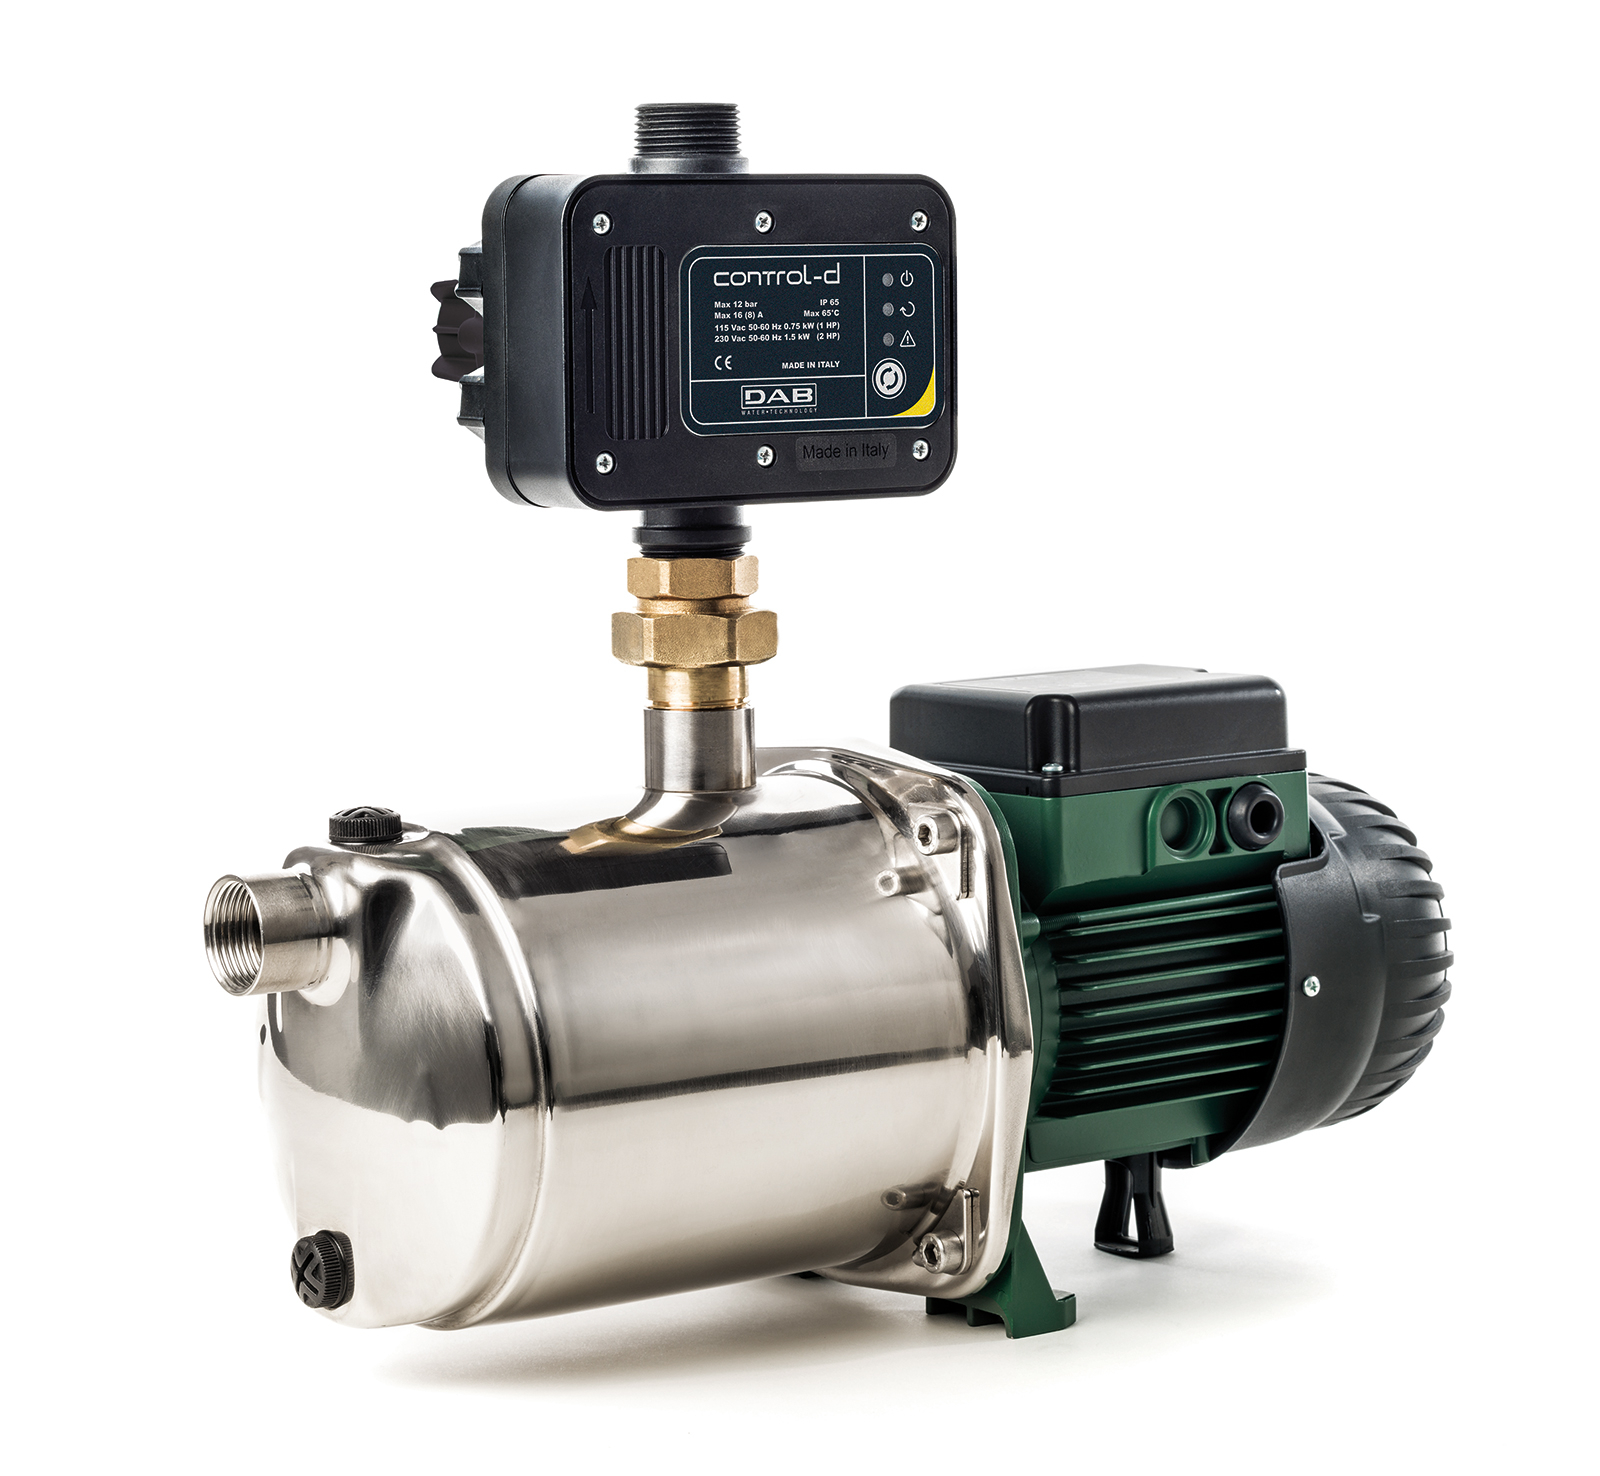 DAB EuroInox 40/30 M + DAB Control-D